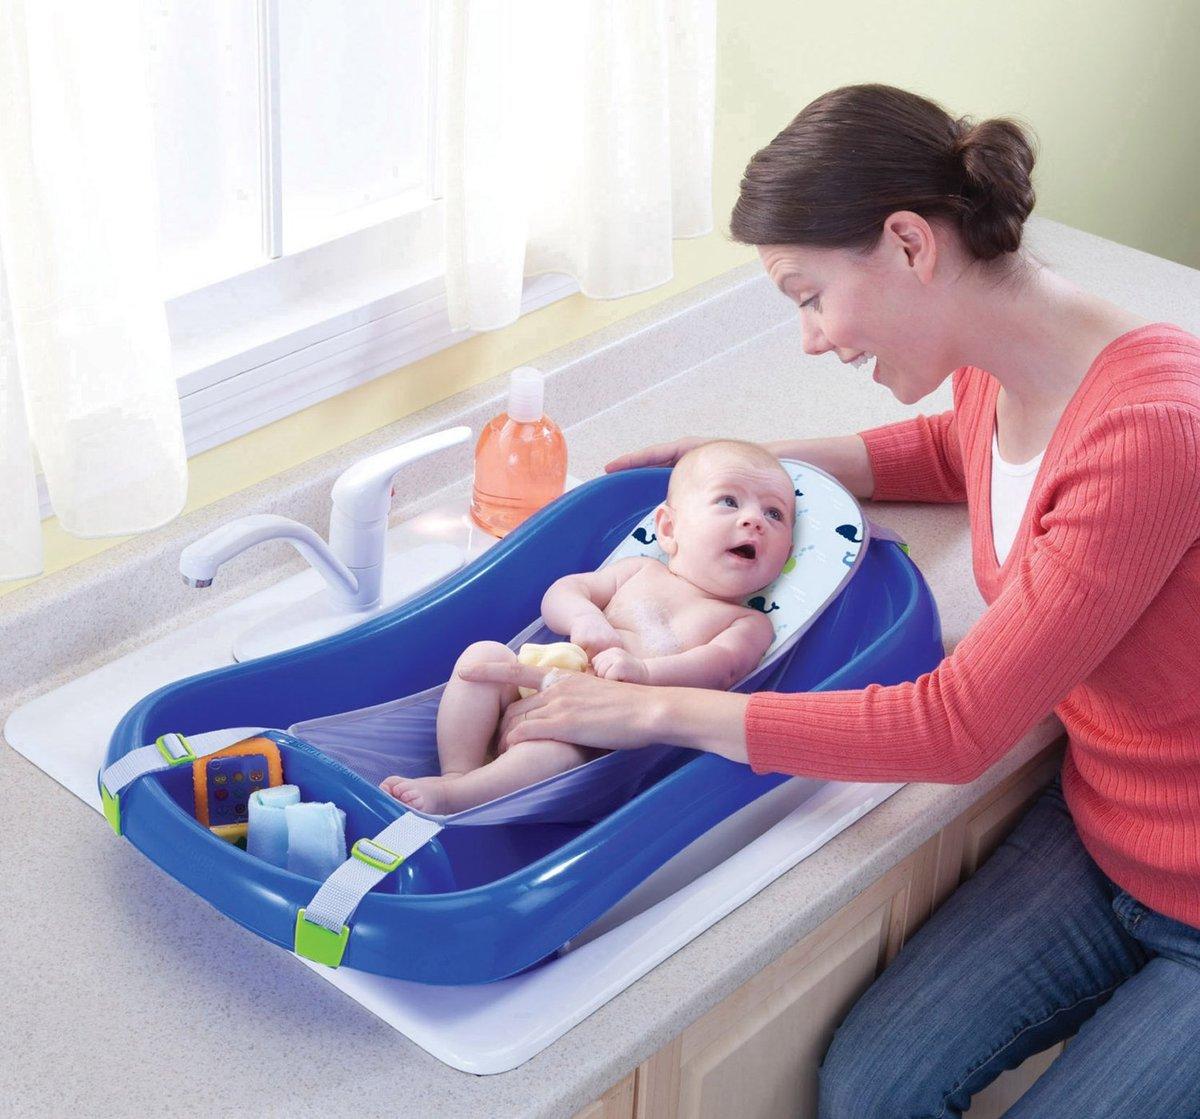 Выбираем ванночку для новорожденных: рейтинг лучших моделей и советы перед покупкой